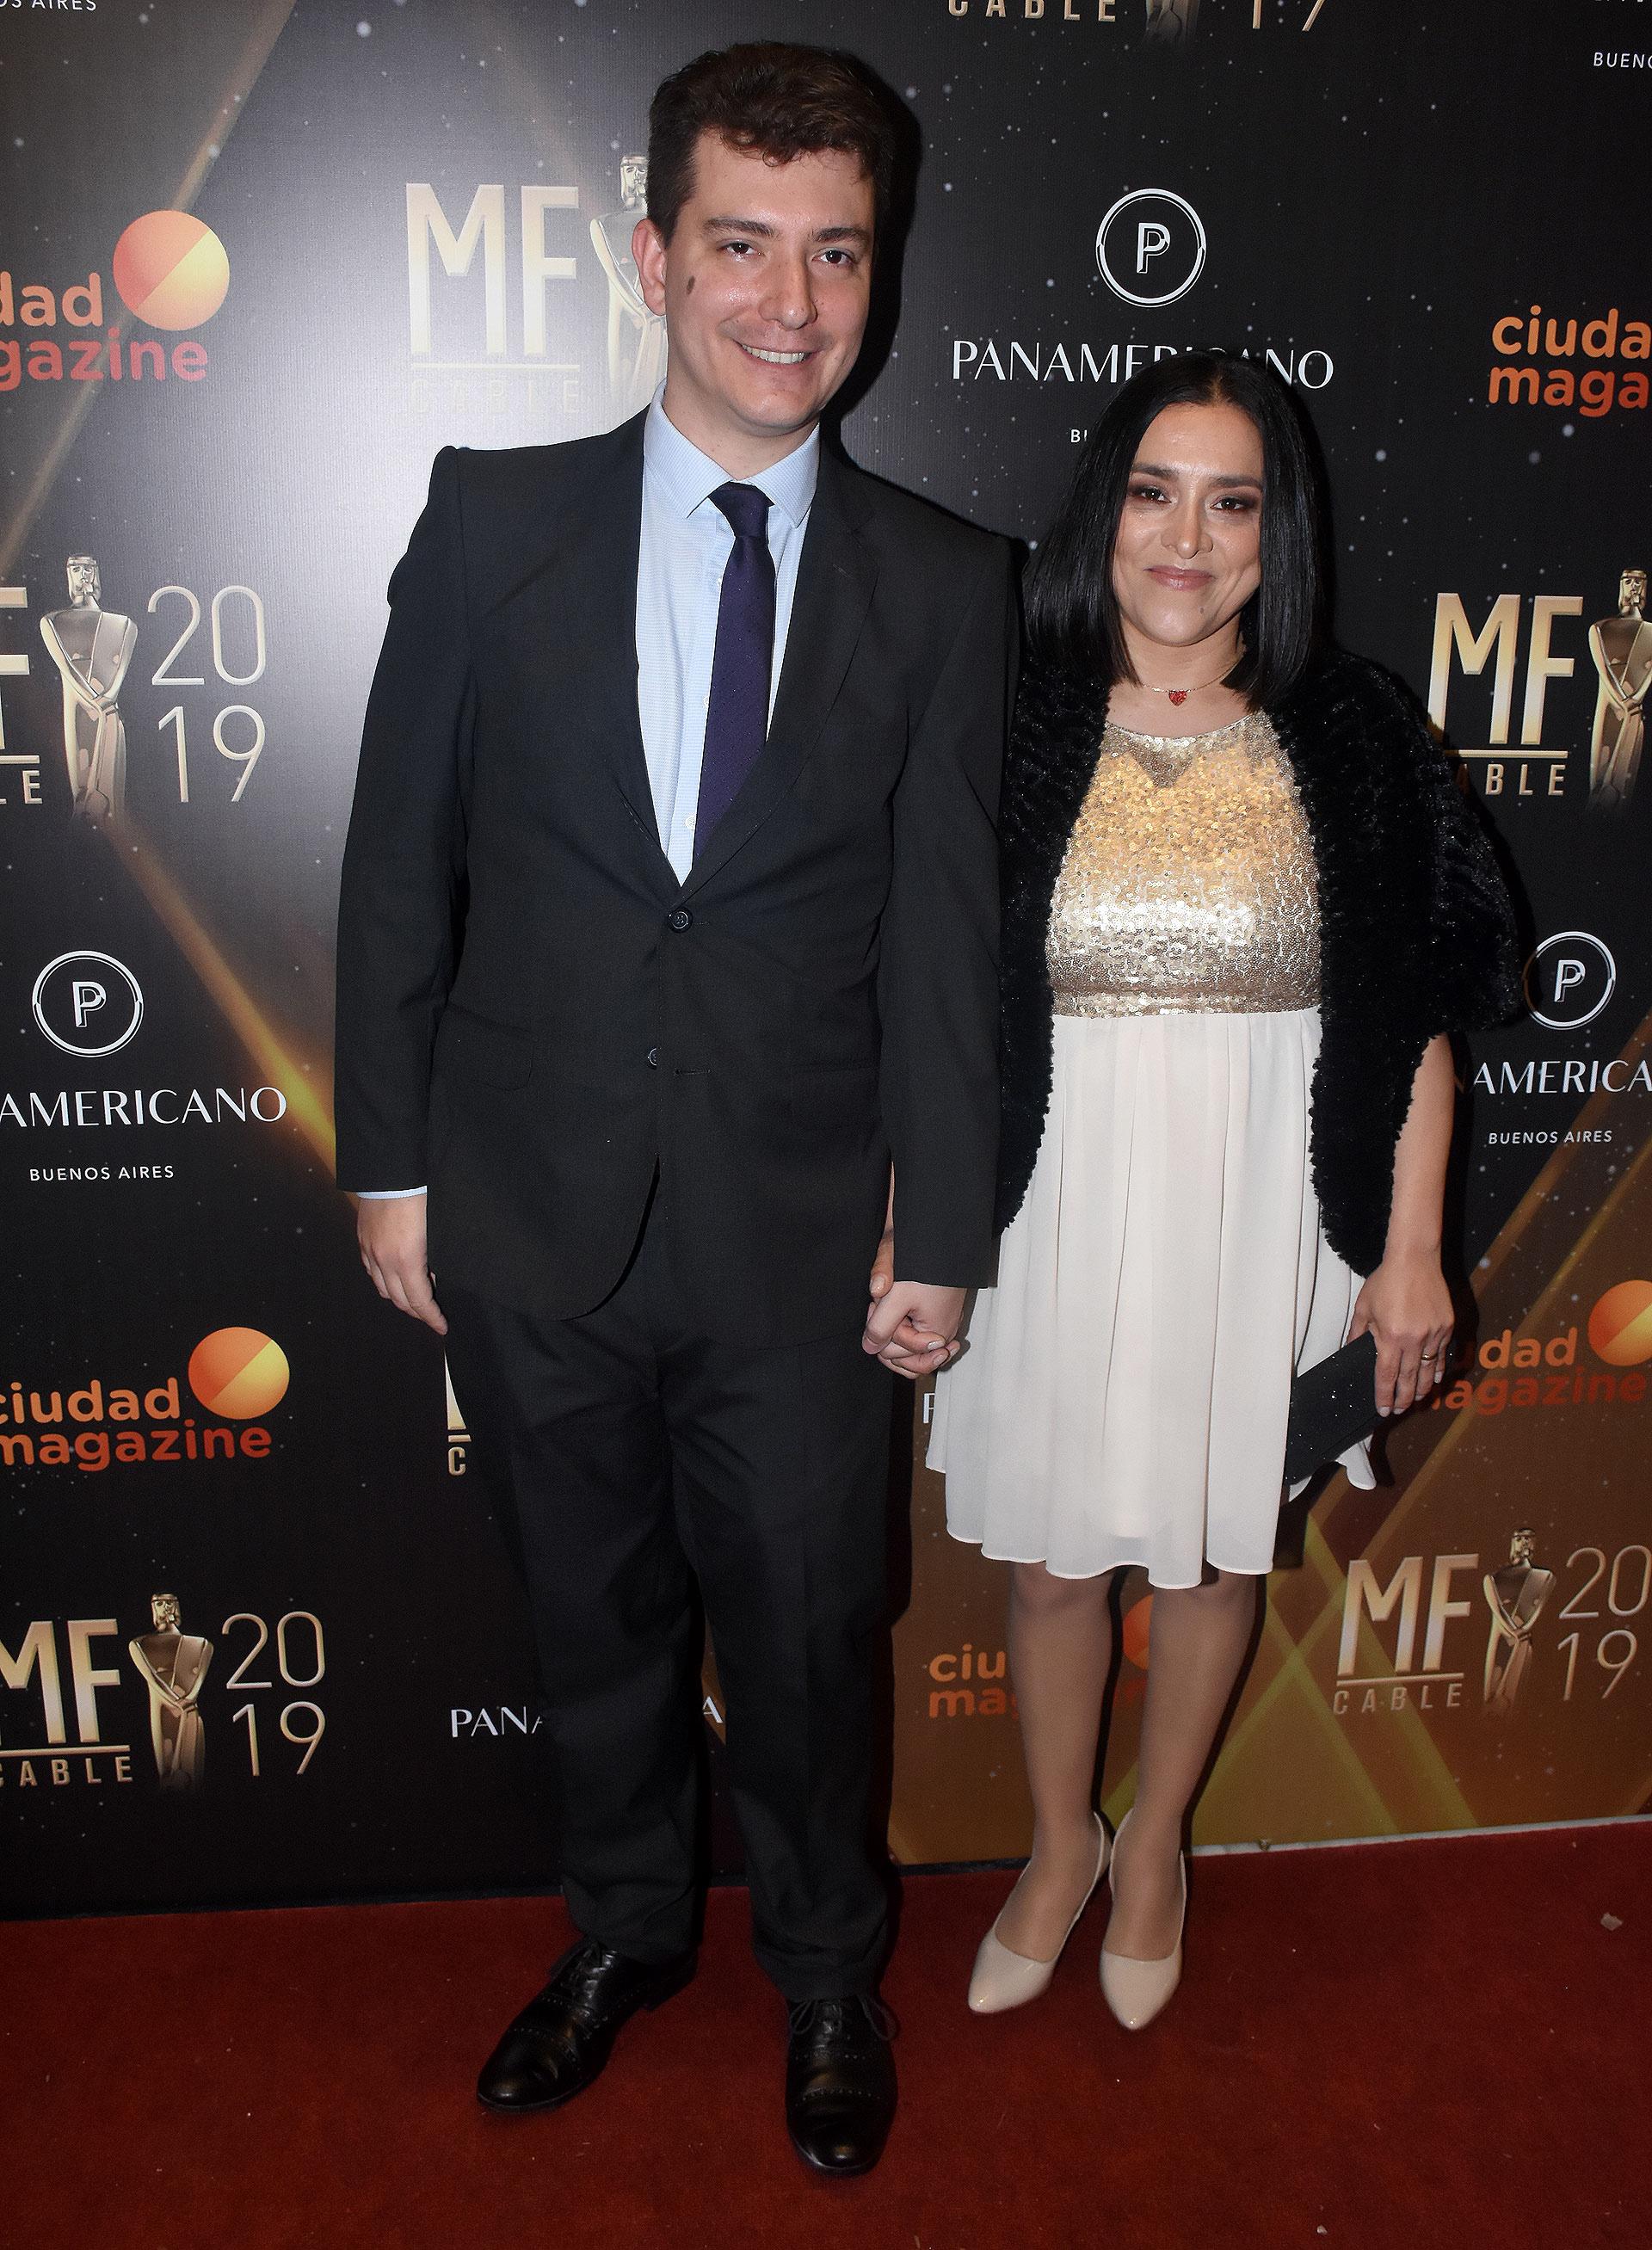 Ariel Tarico y su esposa